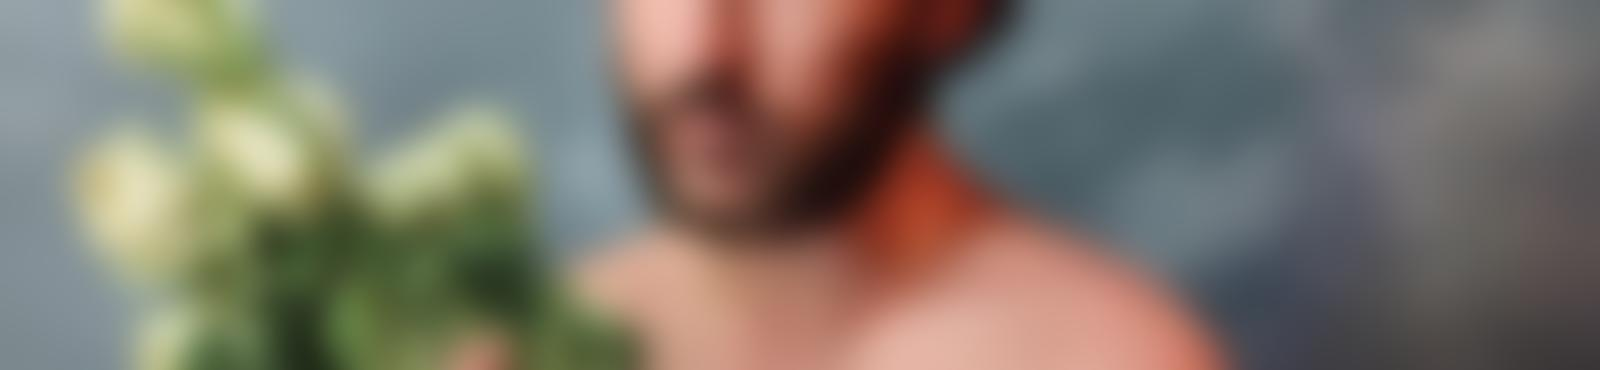 Blurred 9c573df8 a407 4e7d bb9c bdba78a90a48